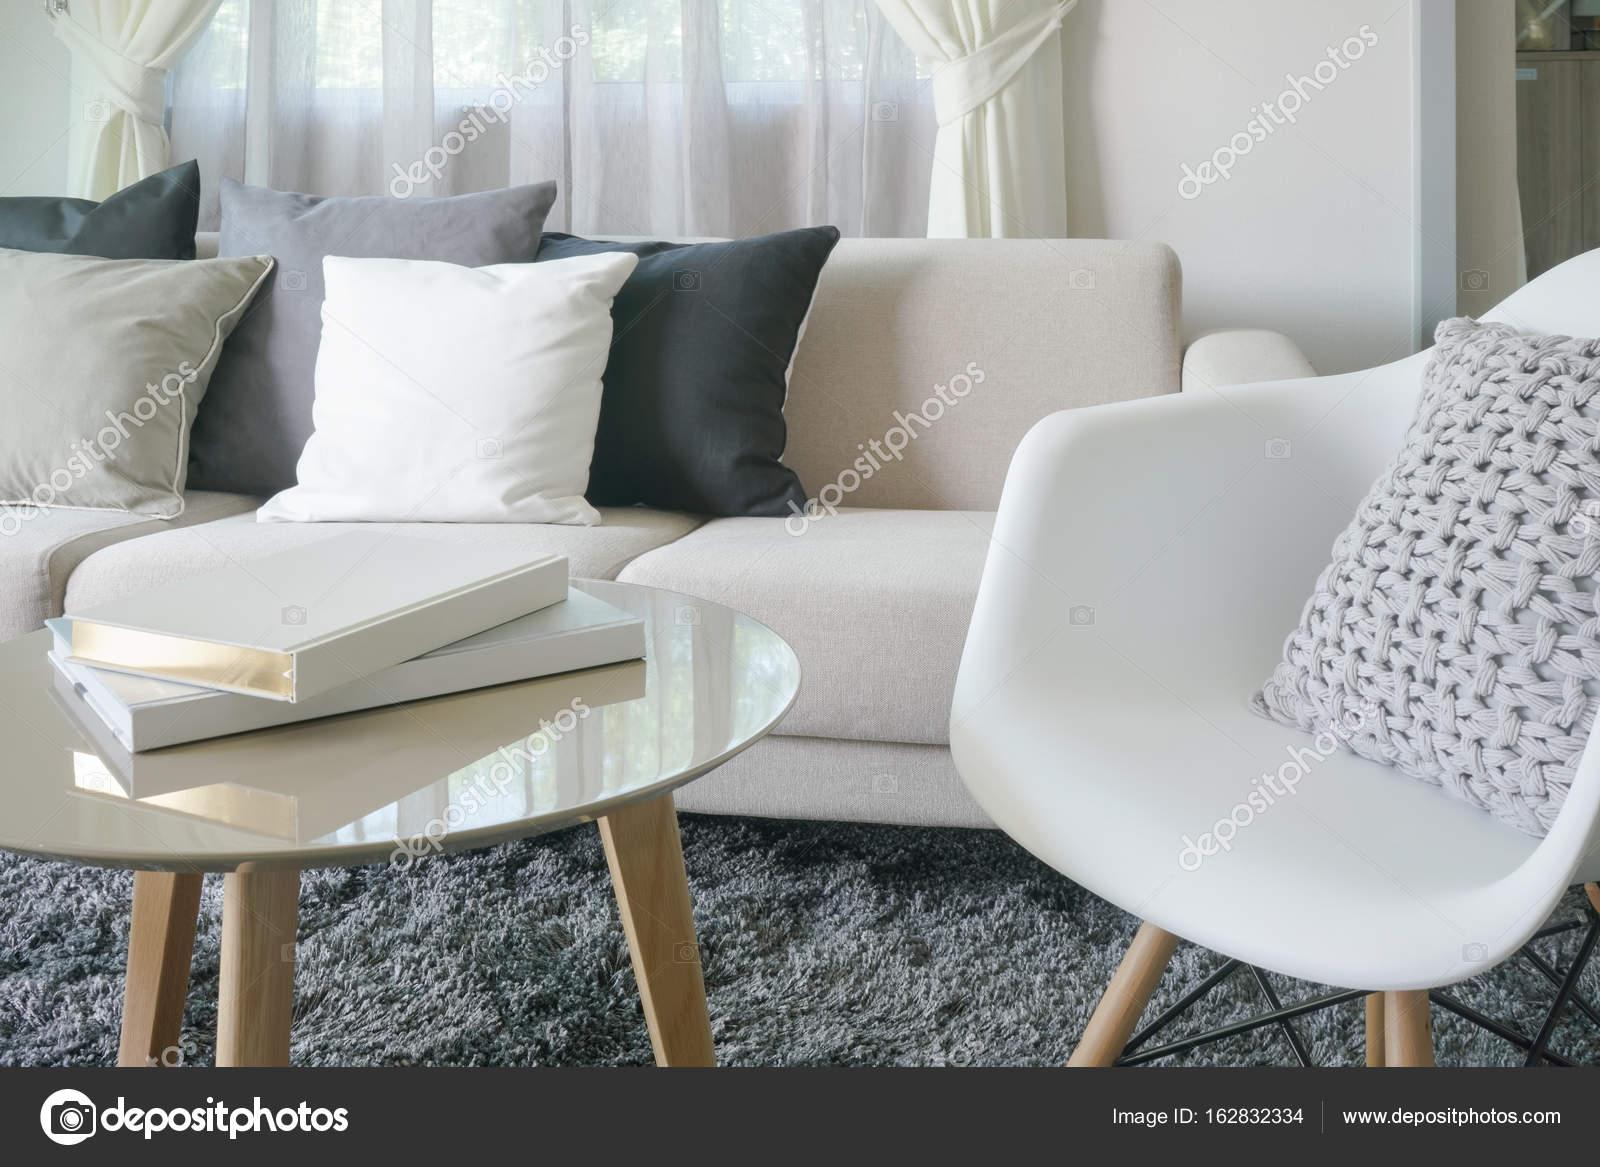 Fauteuil en bank met kussens in moderne stijl interieur woonkamer